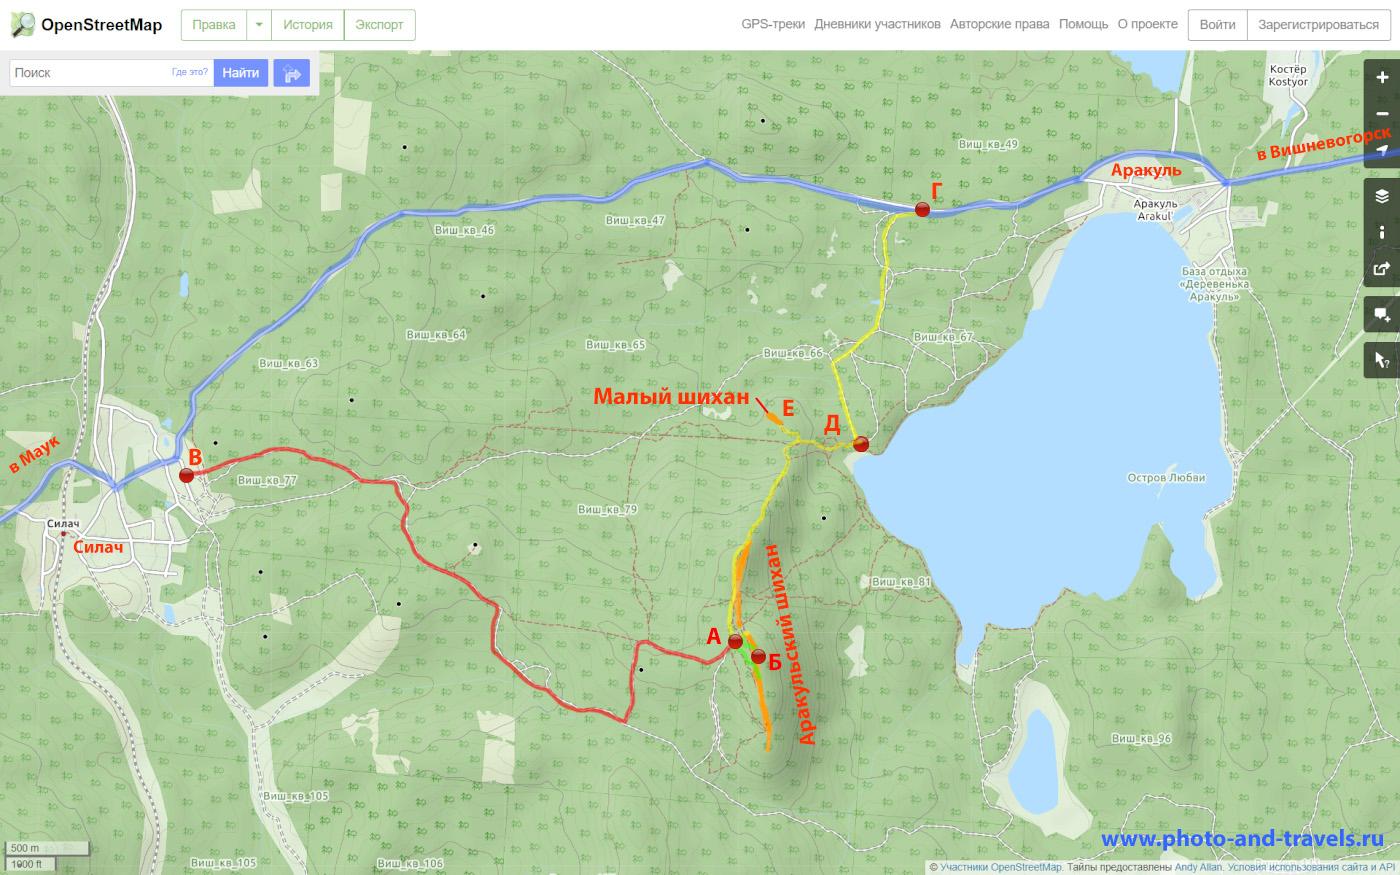 18. Карта со схемой тропы на вершину скалы Аракульский шихан со стороны поселков Аракуль и Силач.